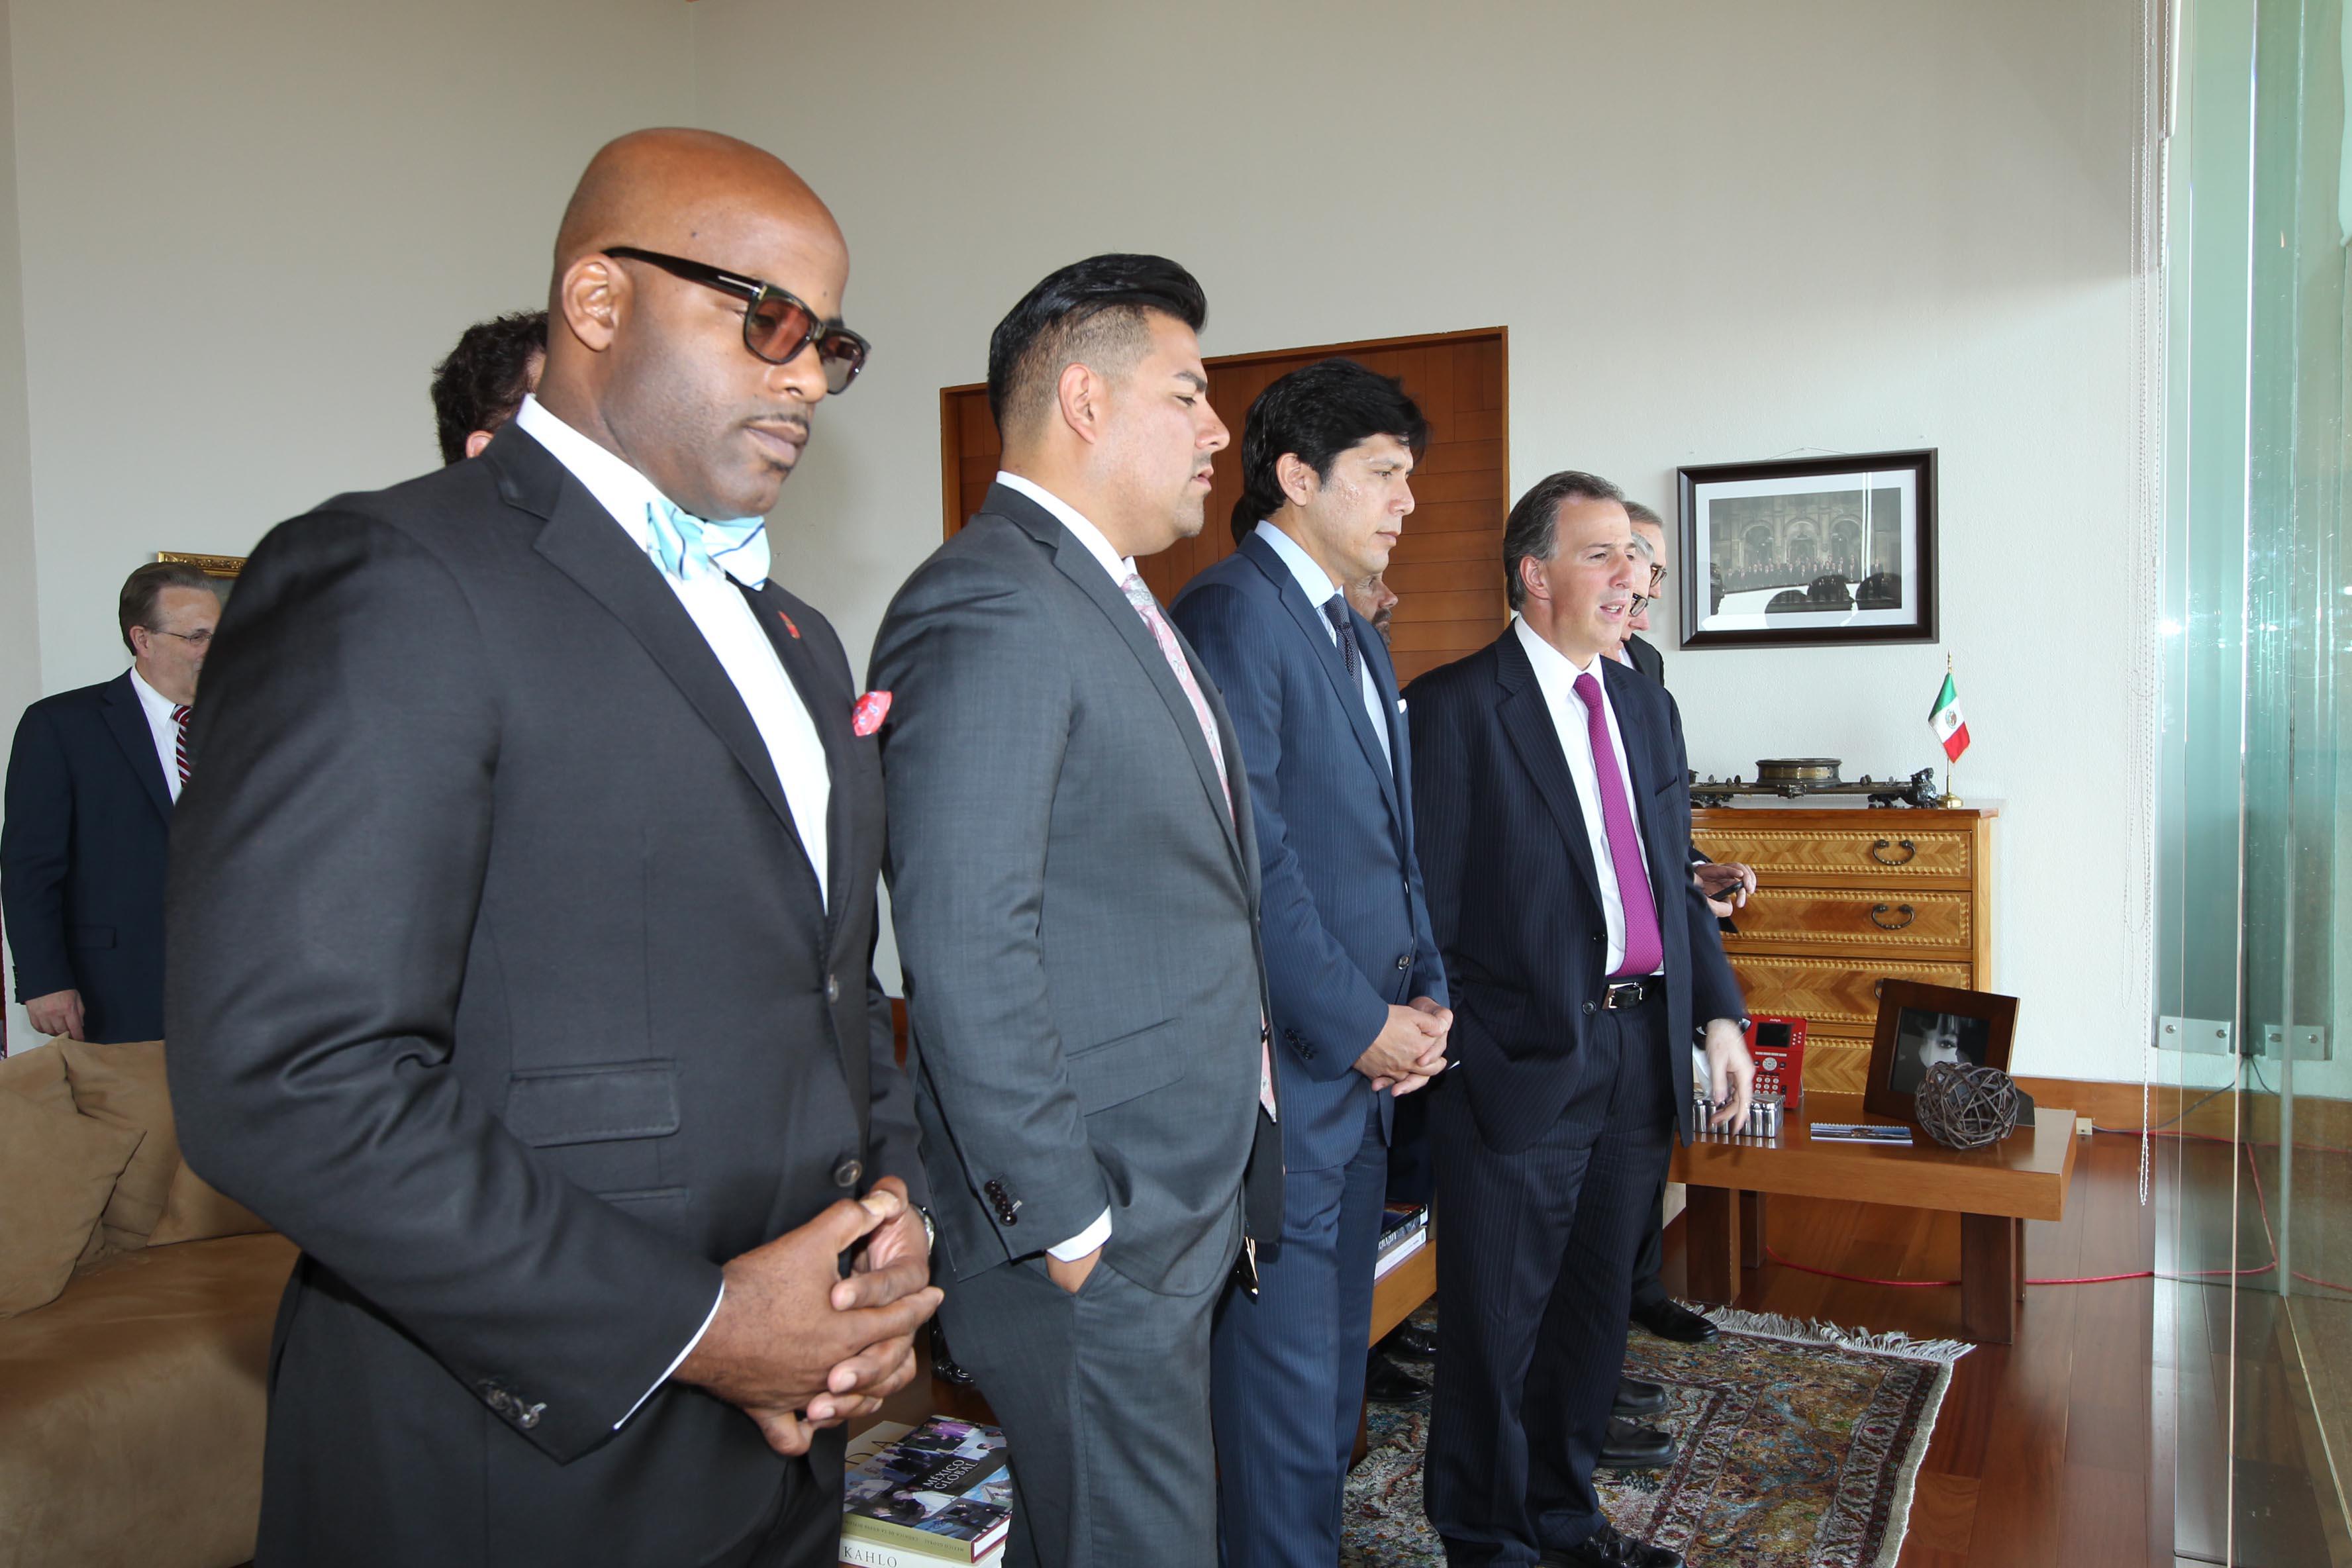 FOTO 1 Reuni n del canciller Jos  Antonio Meade con senadores del estado de California.jpg